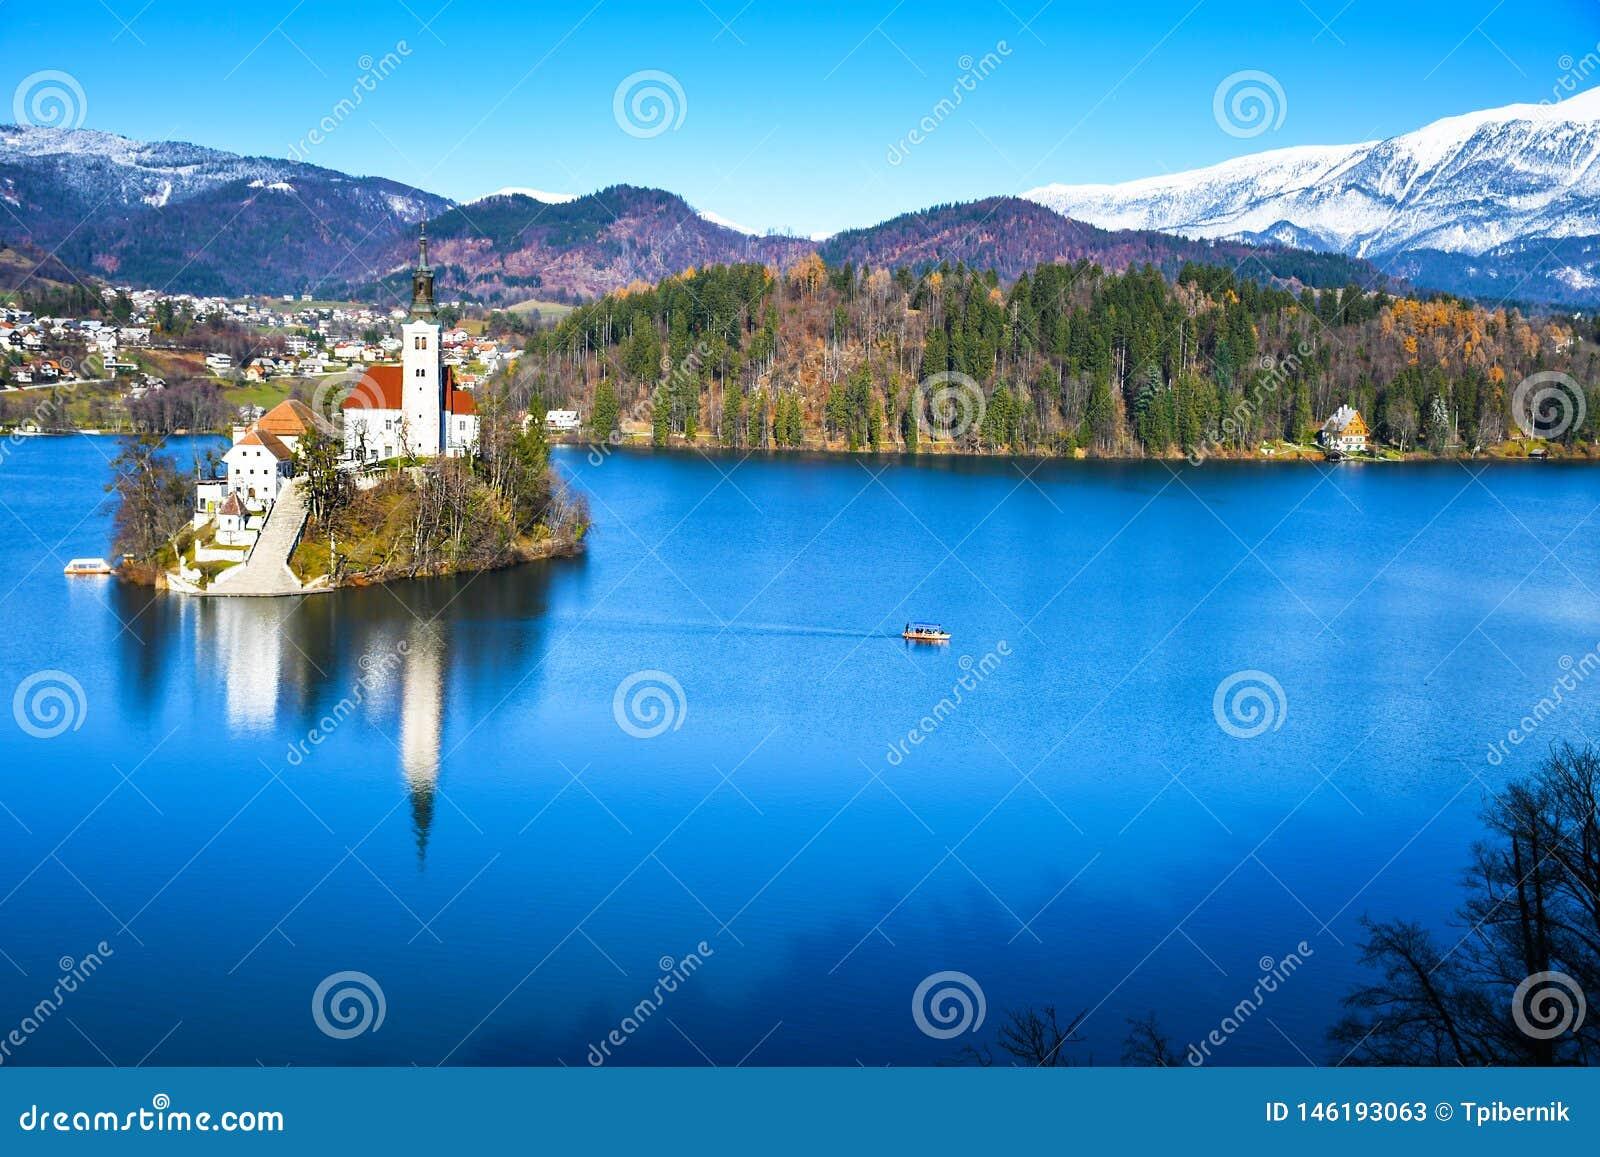 Панорамный вид небольшого естественного острова в середине высокогорного озера с церковью предназначенной к предположению Mary и